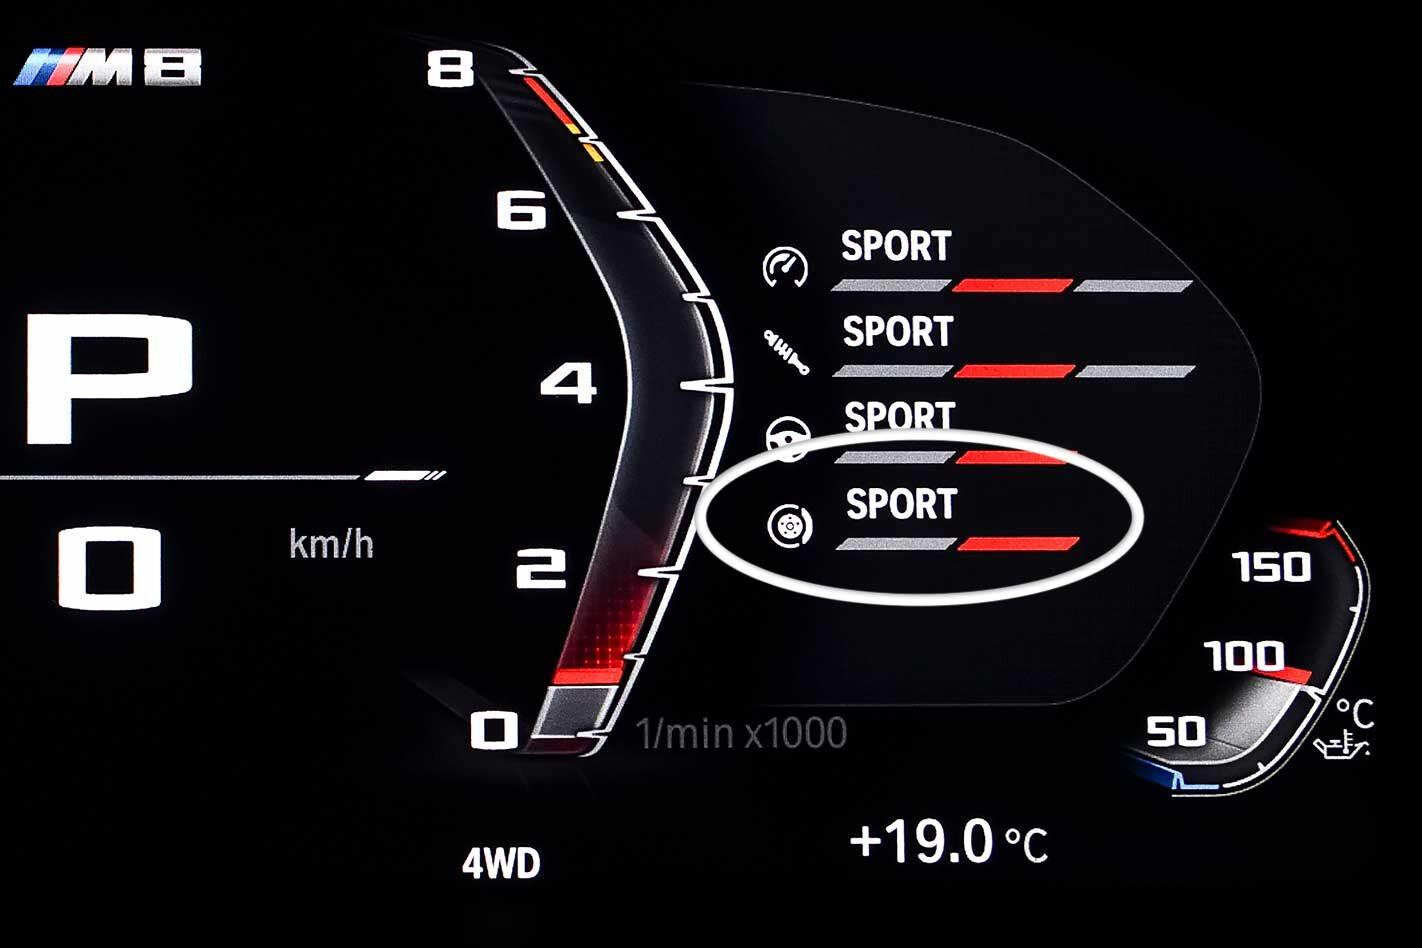 2020 BMW M8 adjustable braking modes